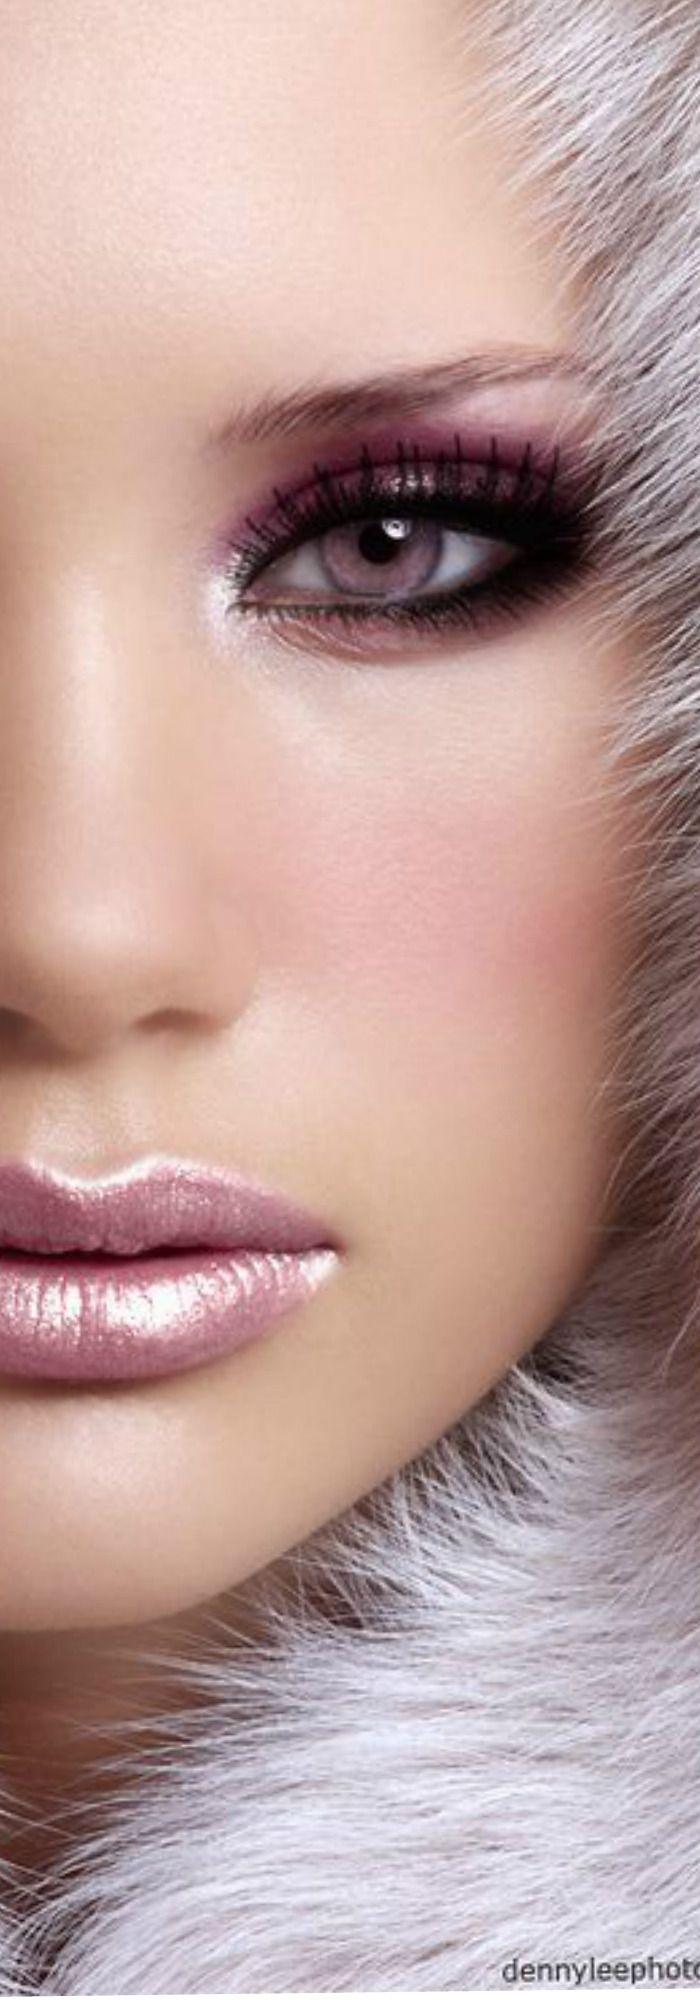 Rosamaria G Frangini | High Makeup | Classy | Metallic soft pink makeup